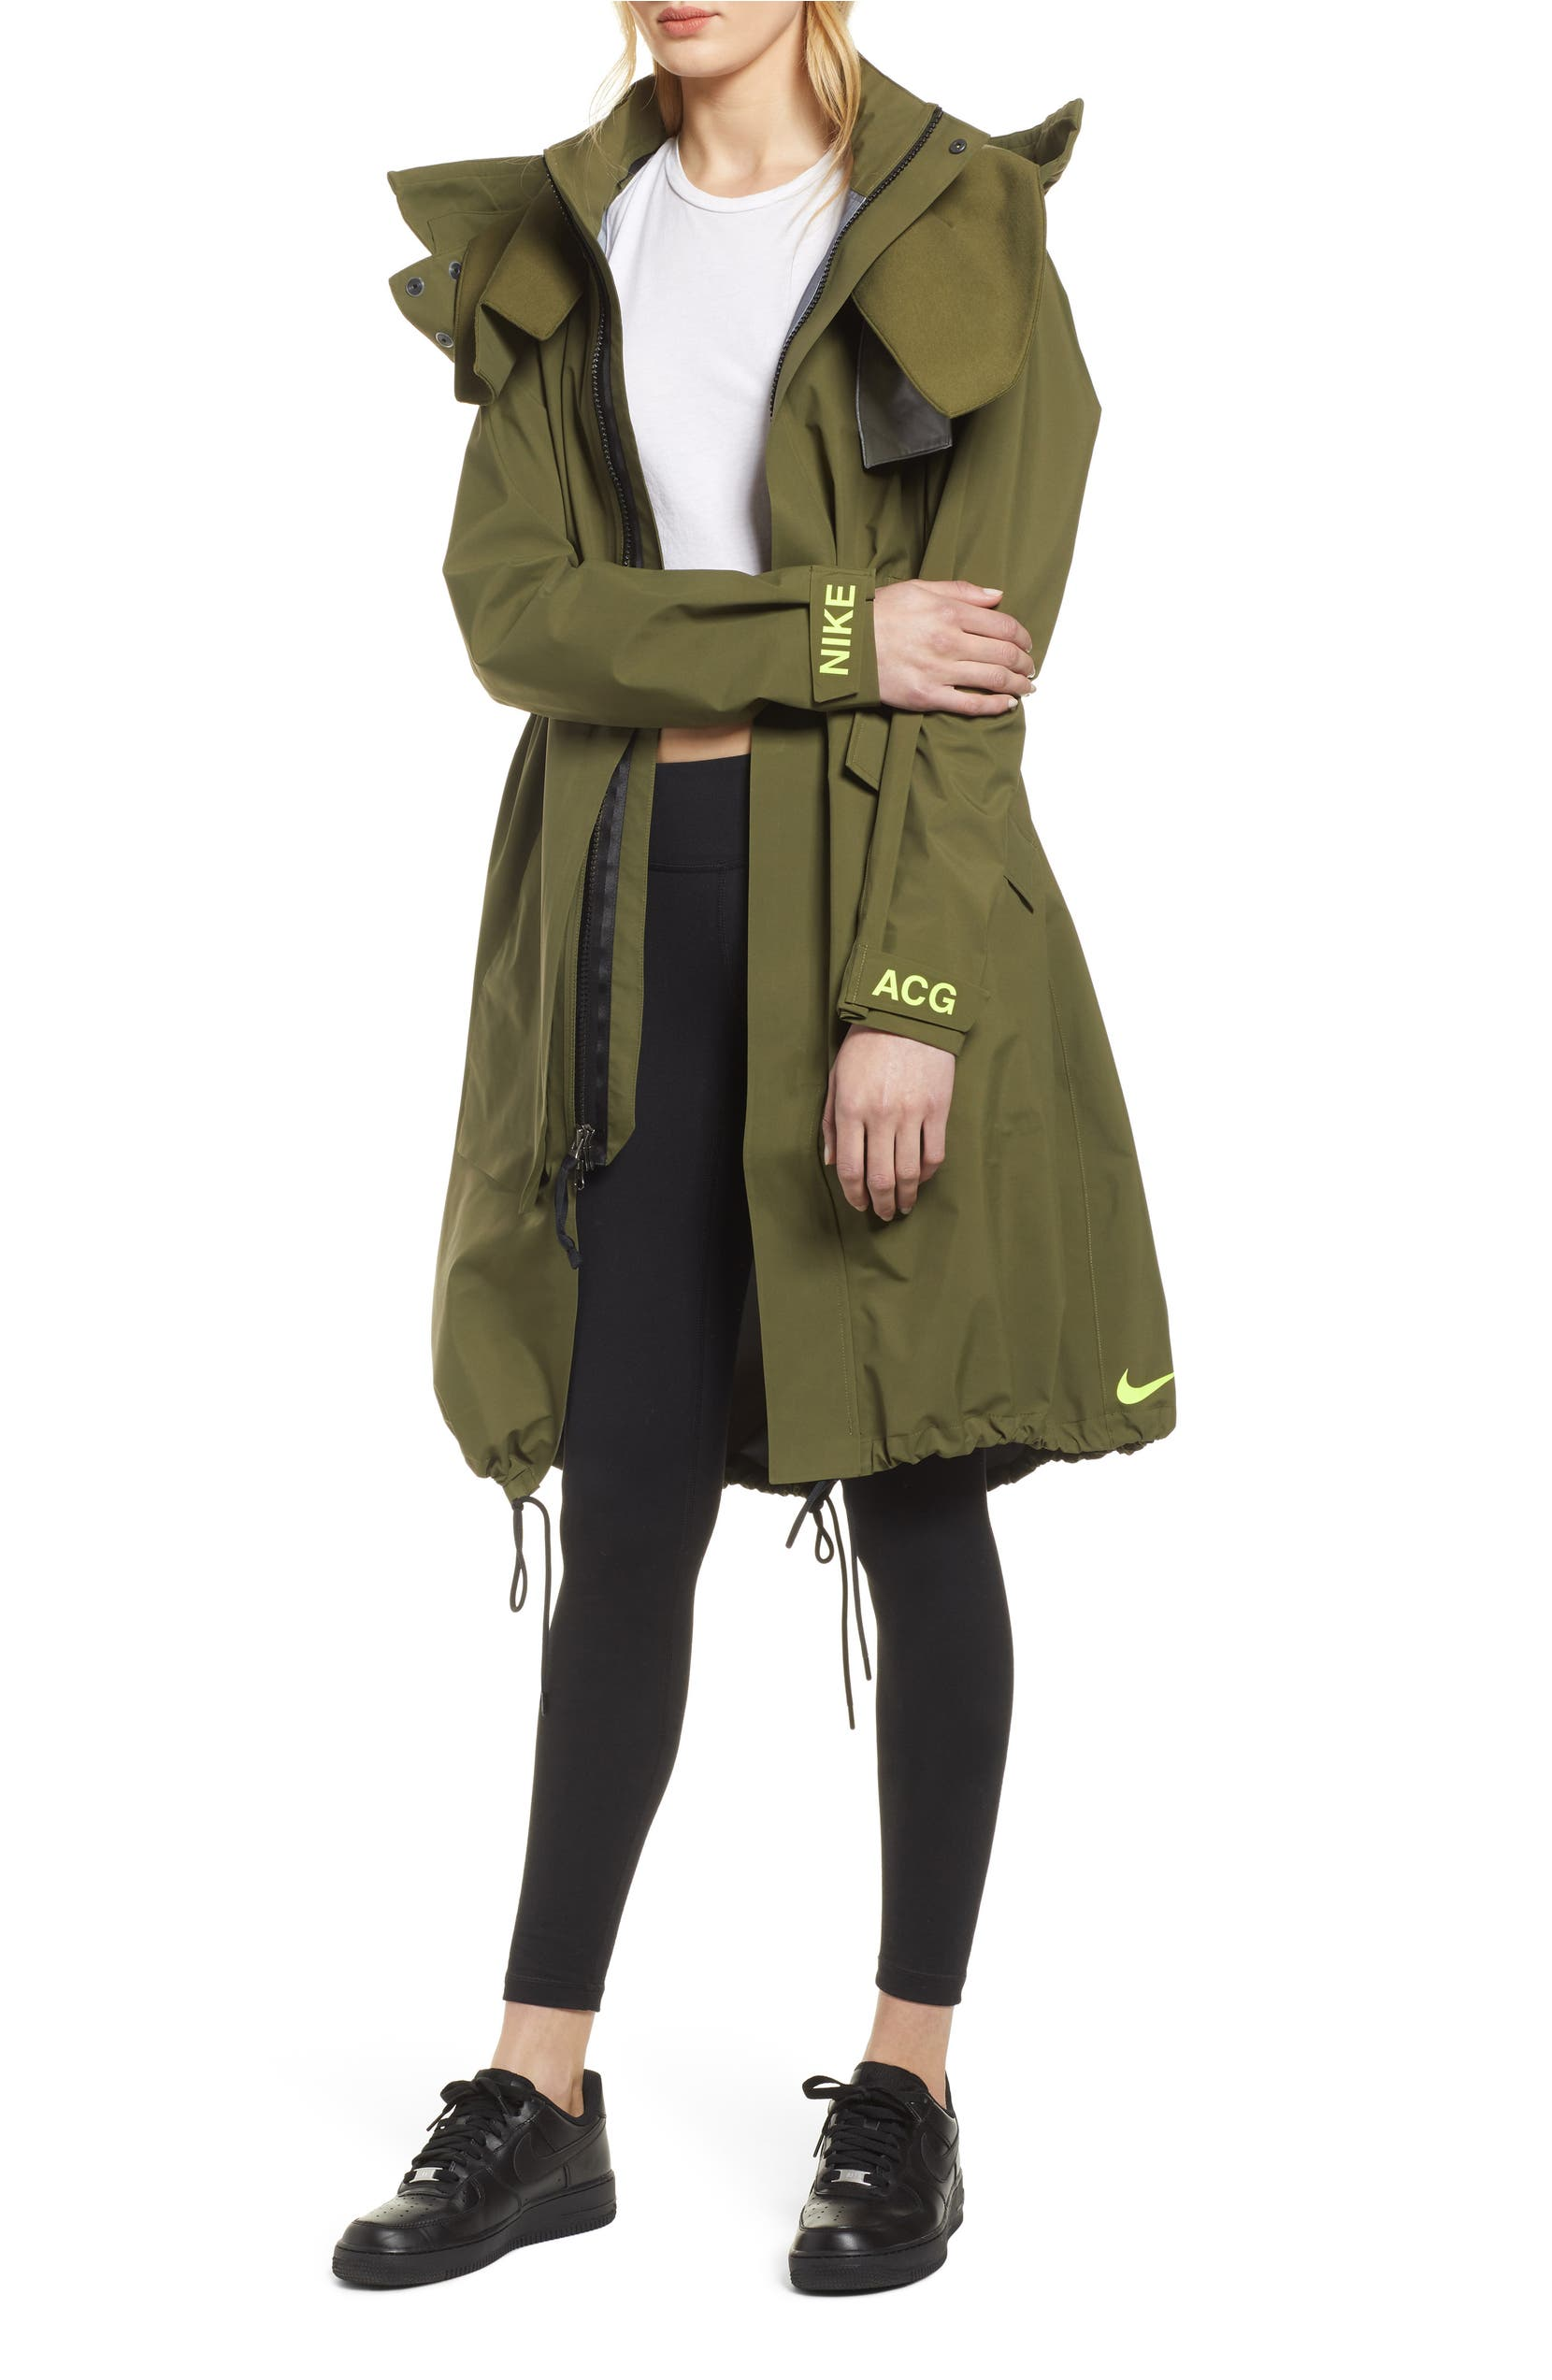 Nike NikeLab ACG GORE-TEX® Women s Jacket  86ff6f02db